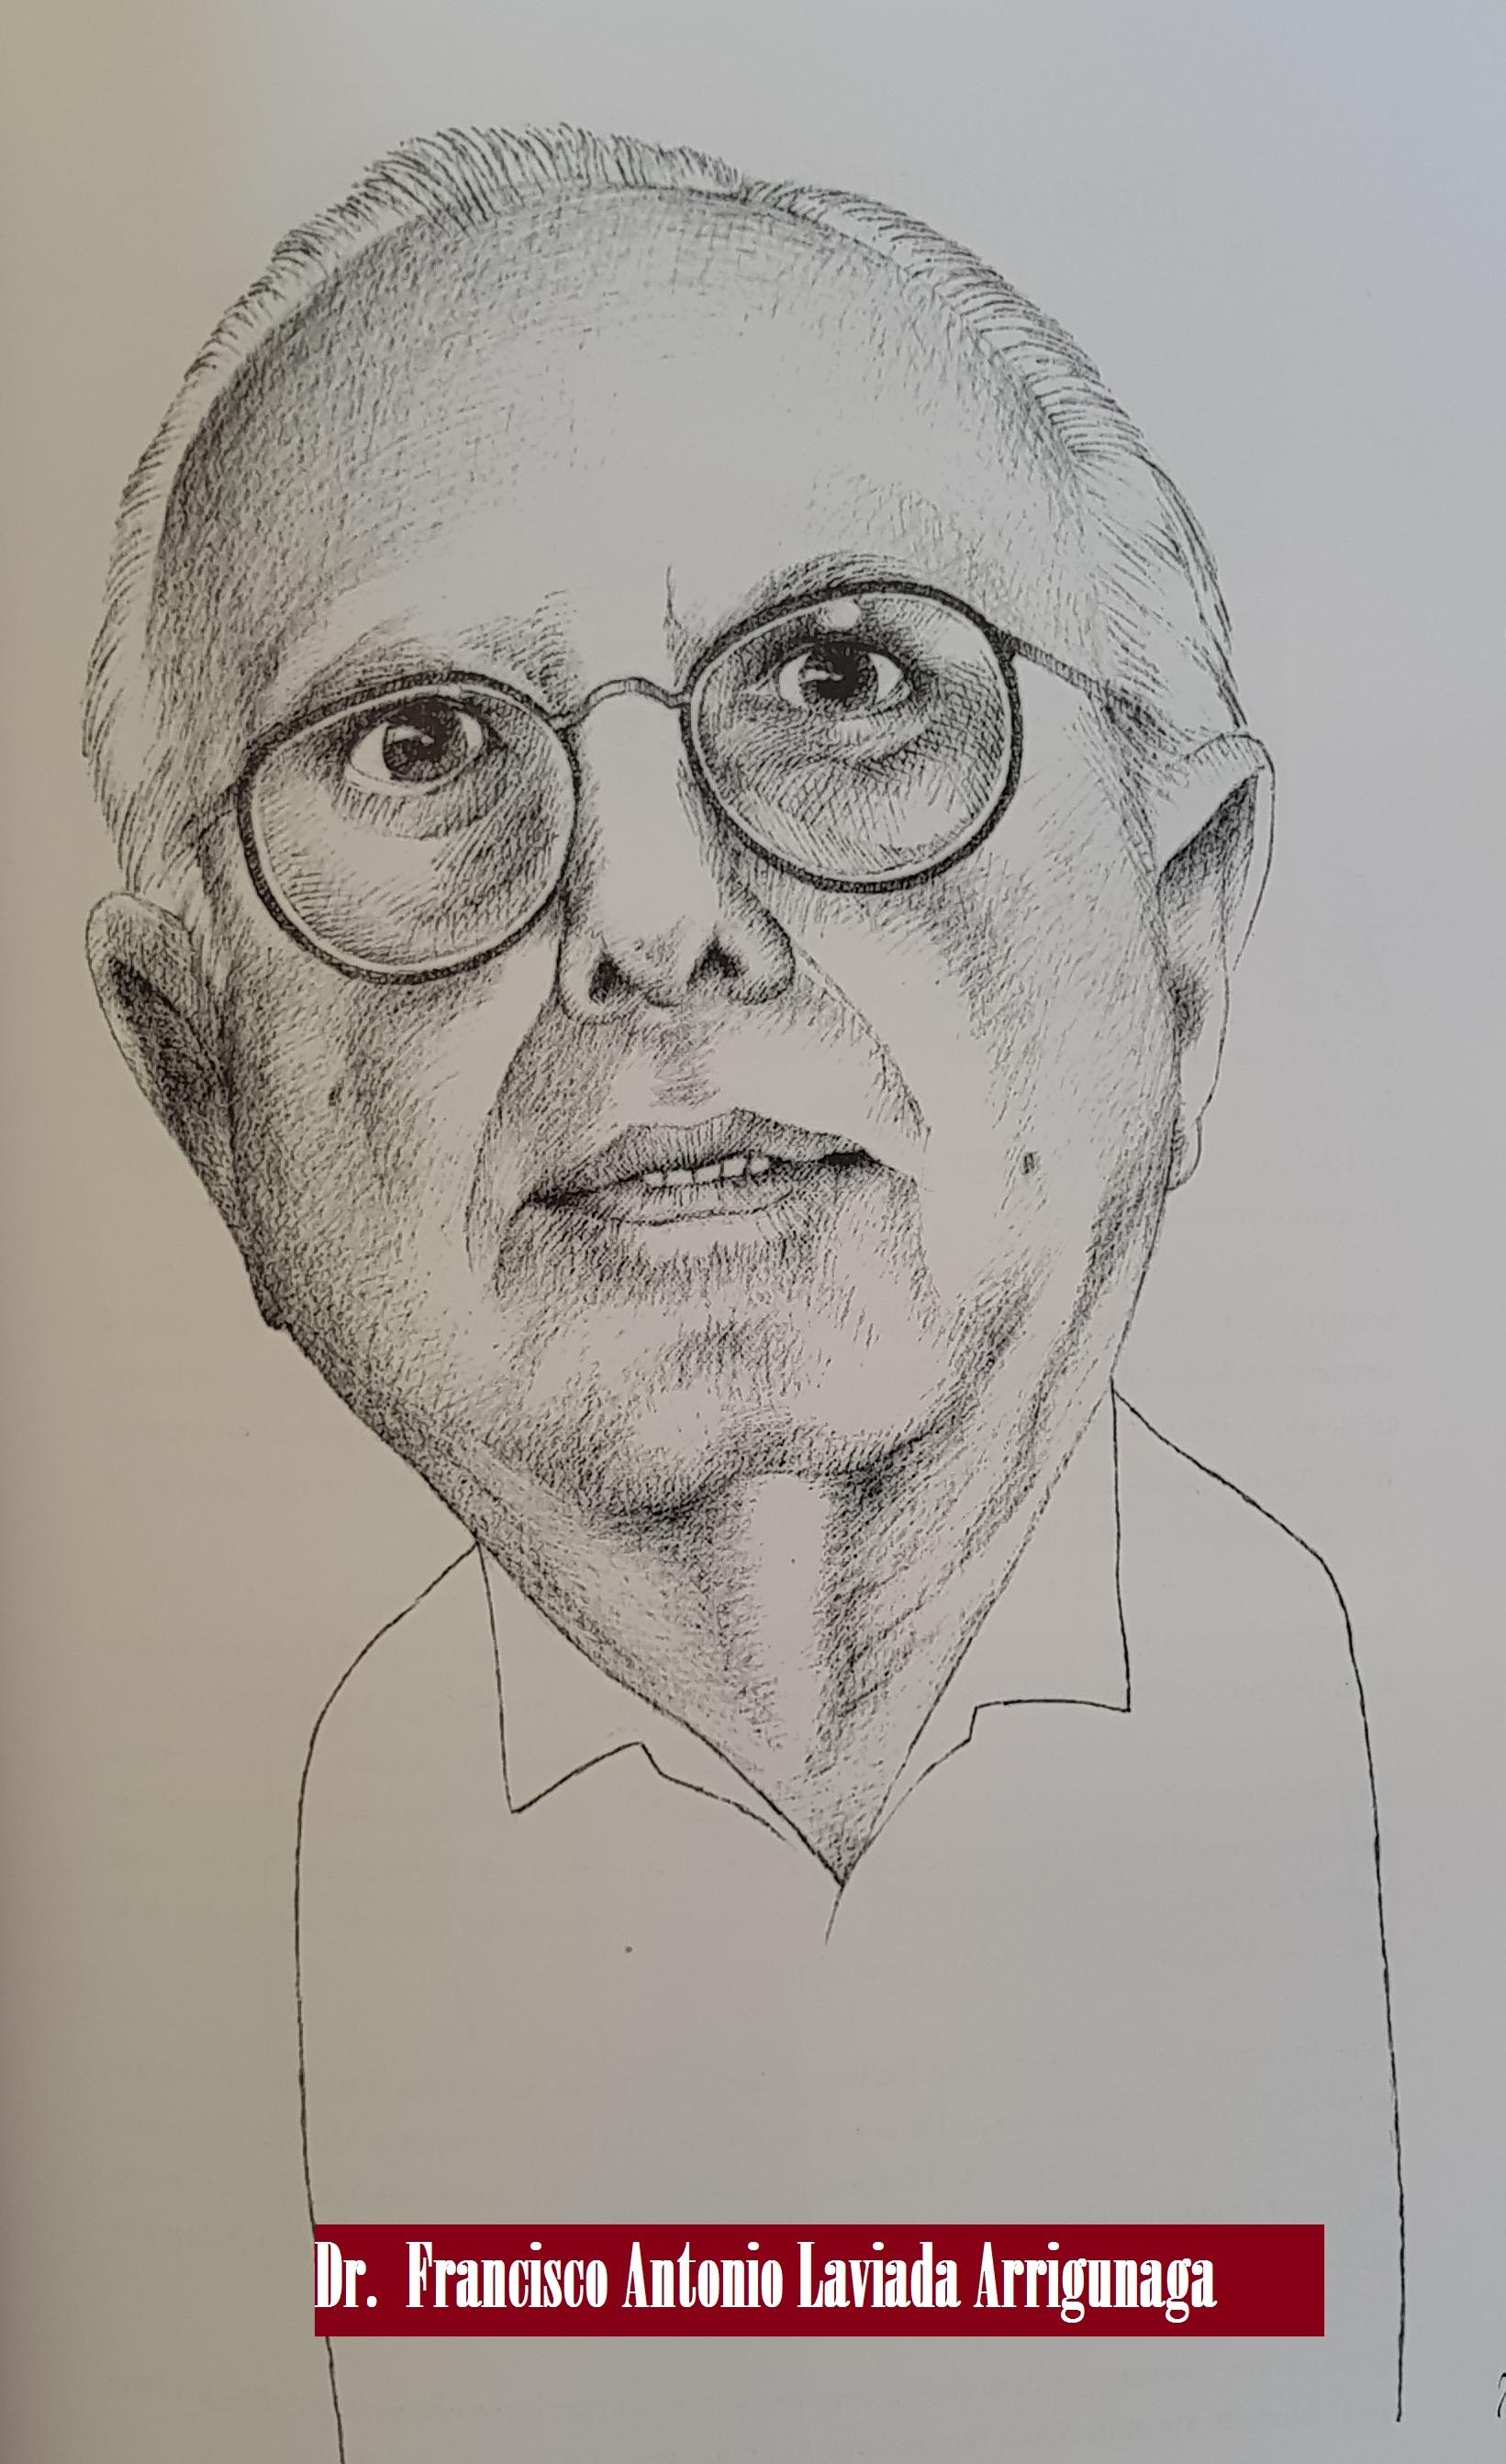 DR.  FRANCISCO ANTONIO LAVIADA ARRIGUNAGA